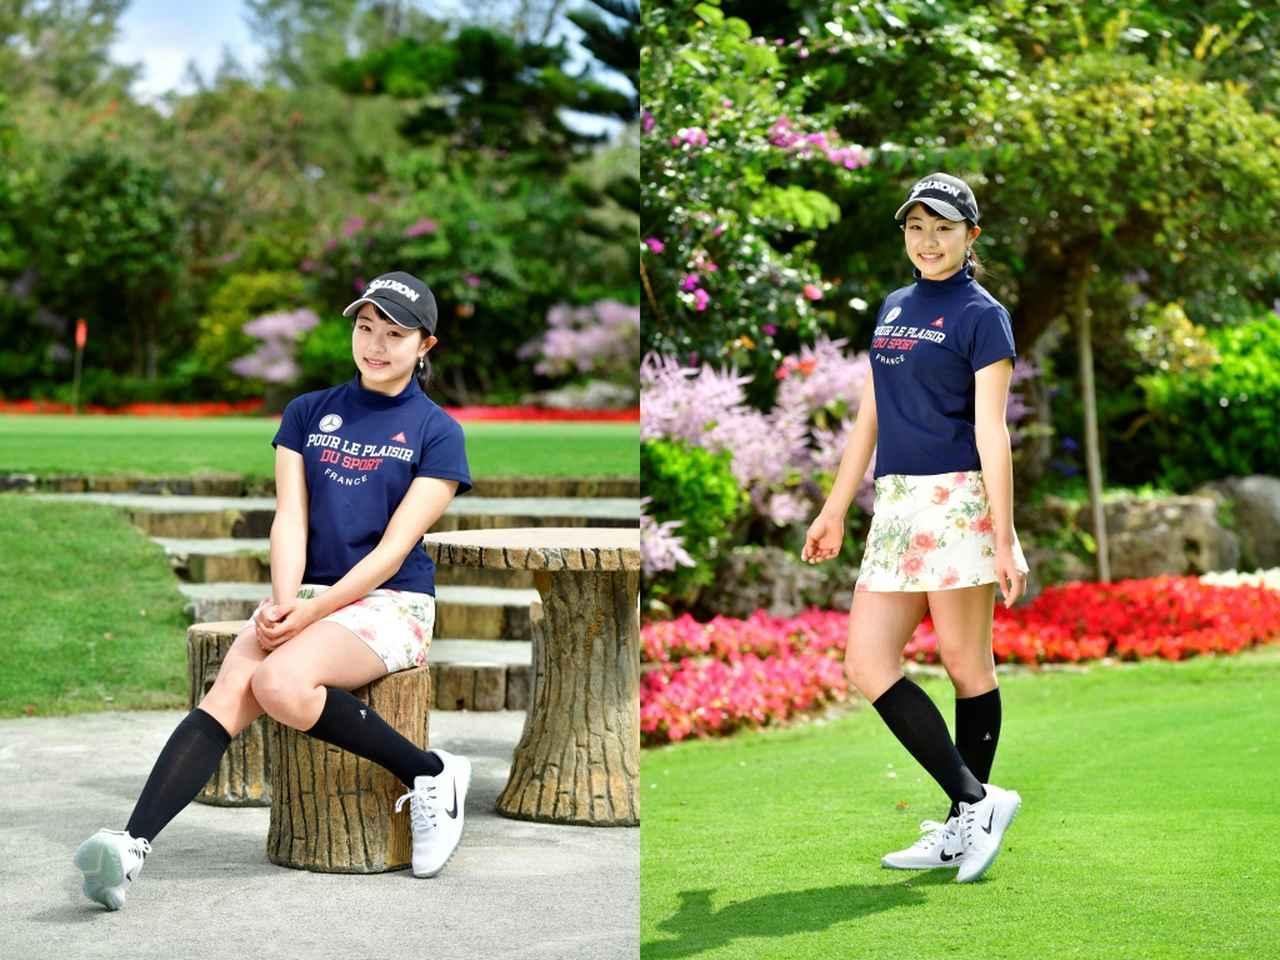 画像1: 【女子プロ百花/三浦桃香】飛距離を活かした攻めのゴルフと笑顔を見てください!